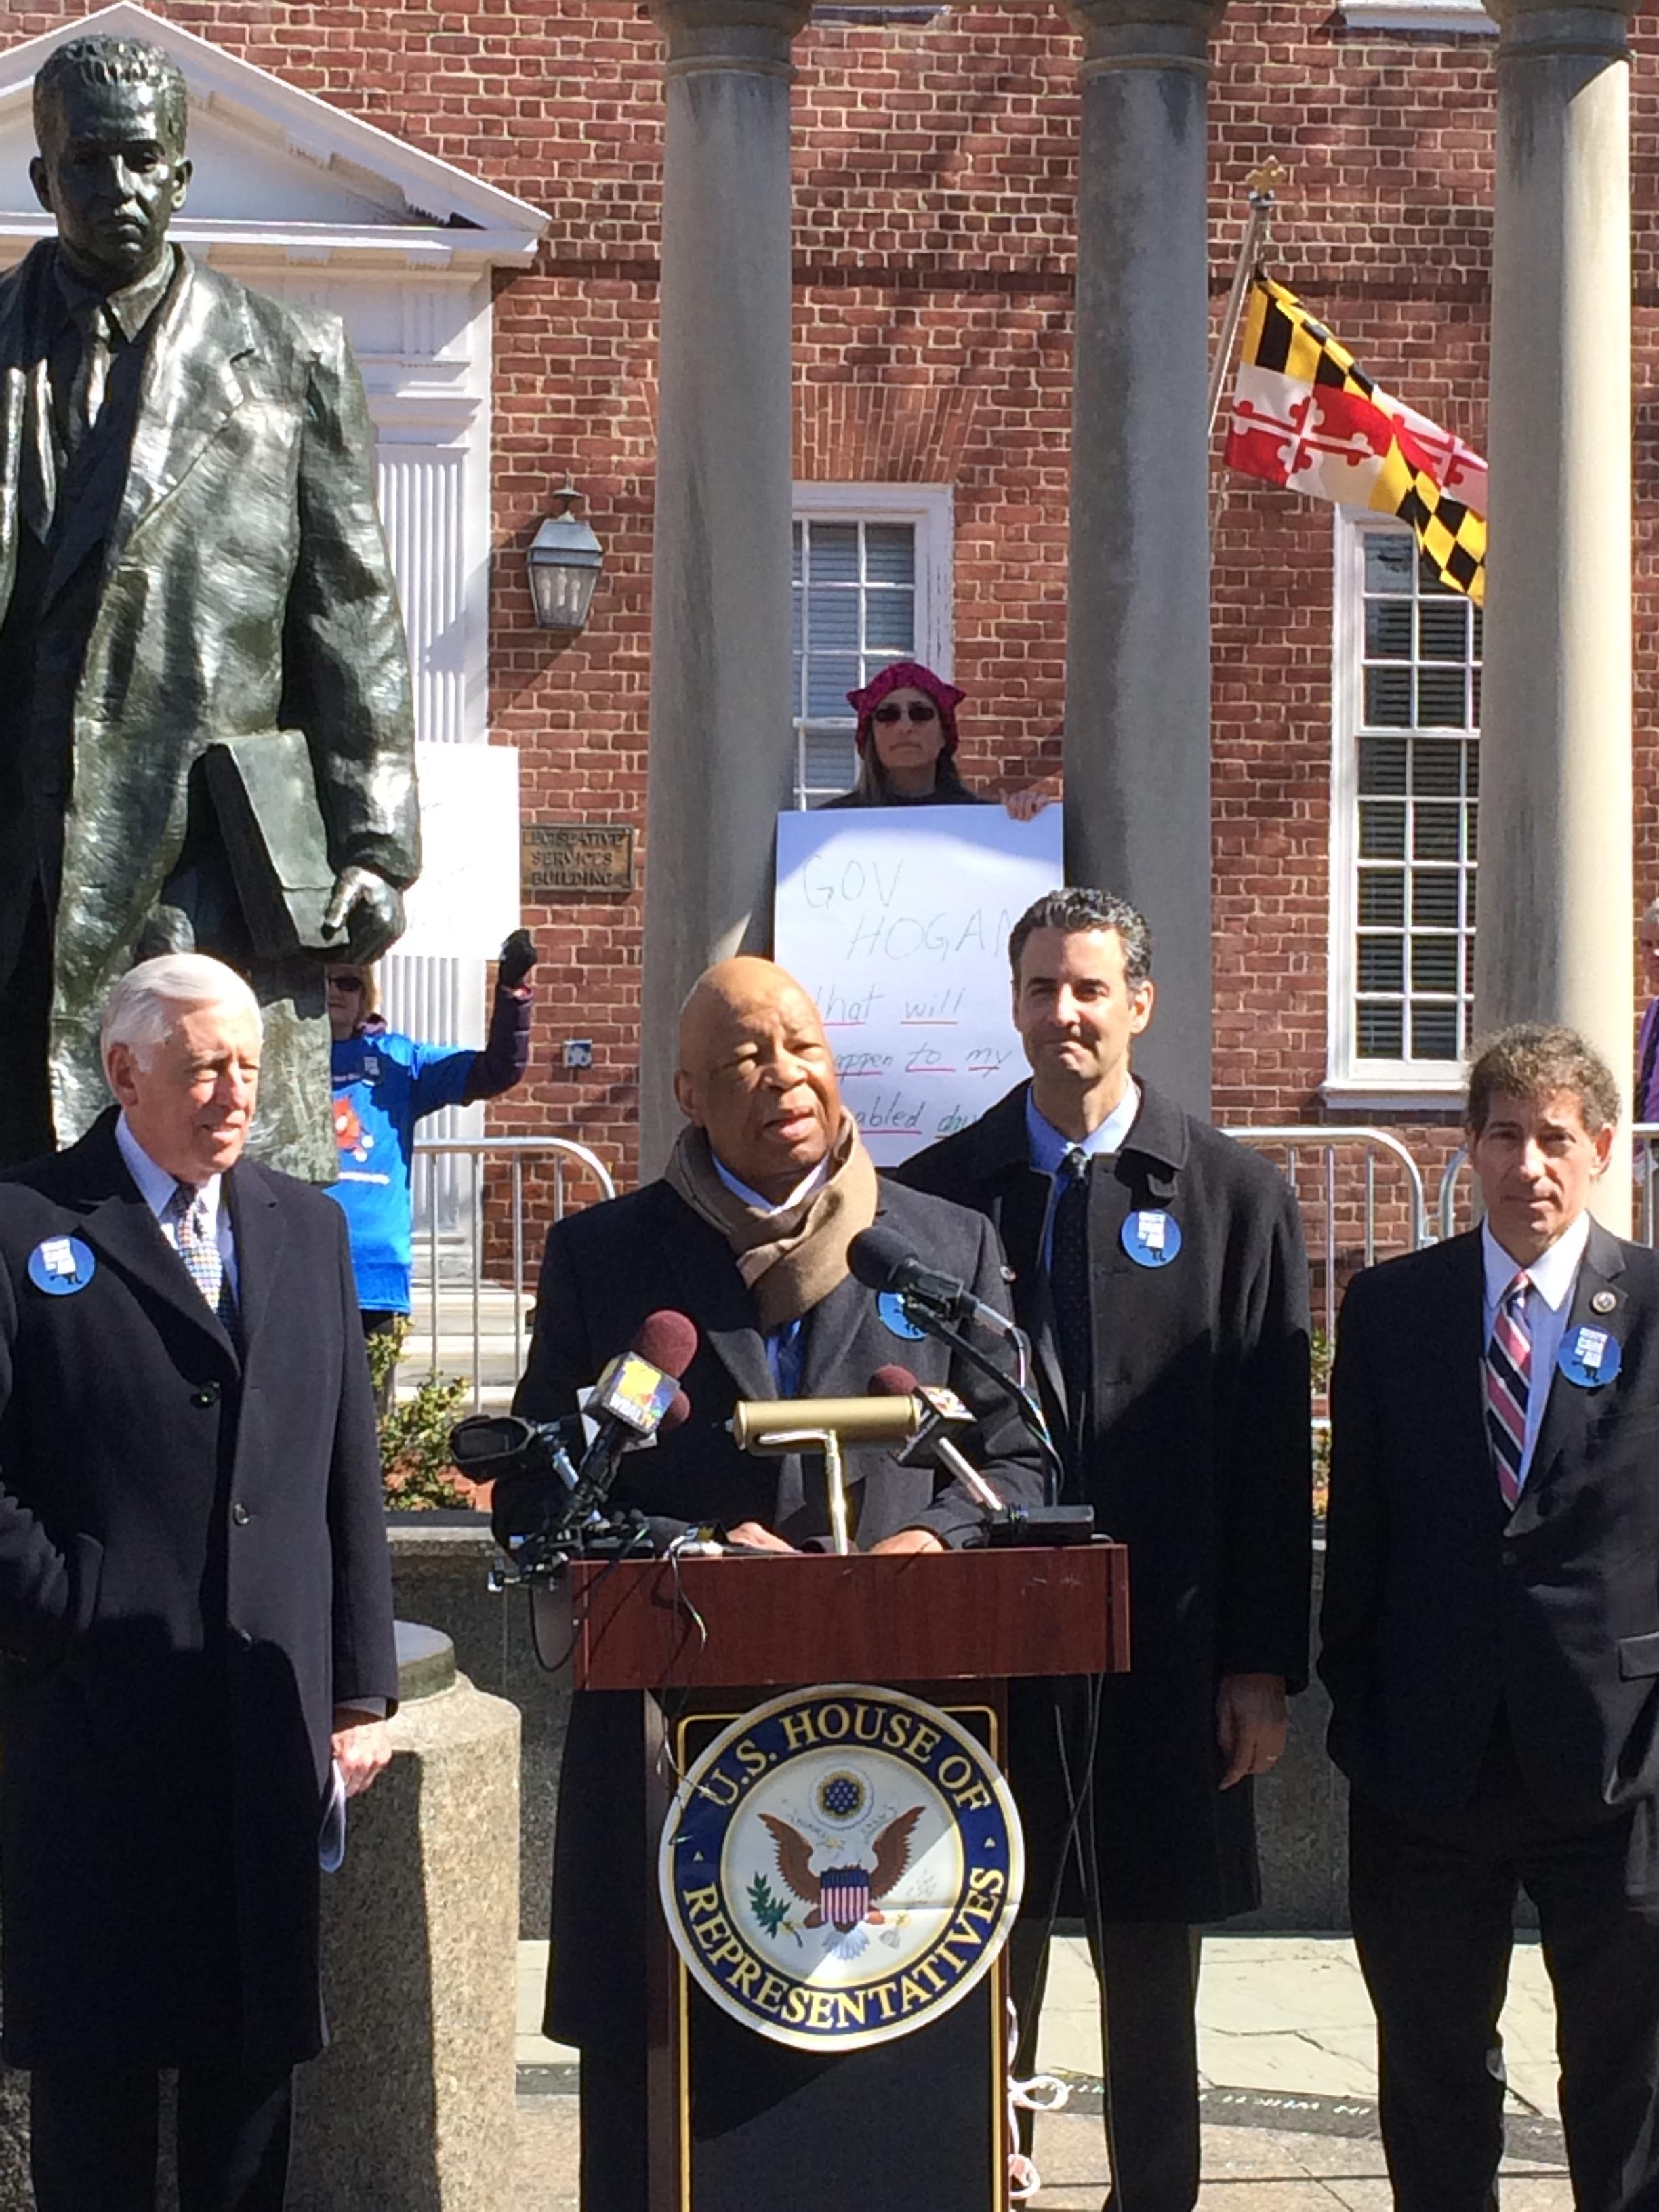 L-R: Rep. Steny Hoyer, Rep. Elijah Cummings, Rep. John Sarbanes, and Rep. Jamie Raskin